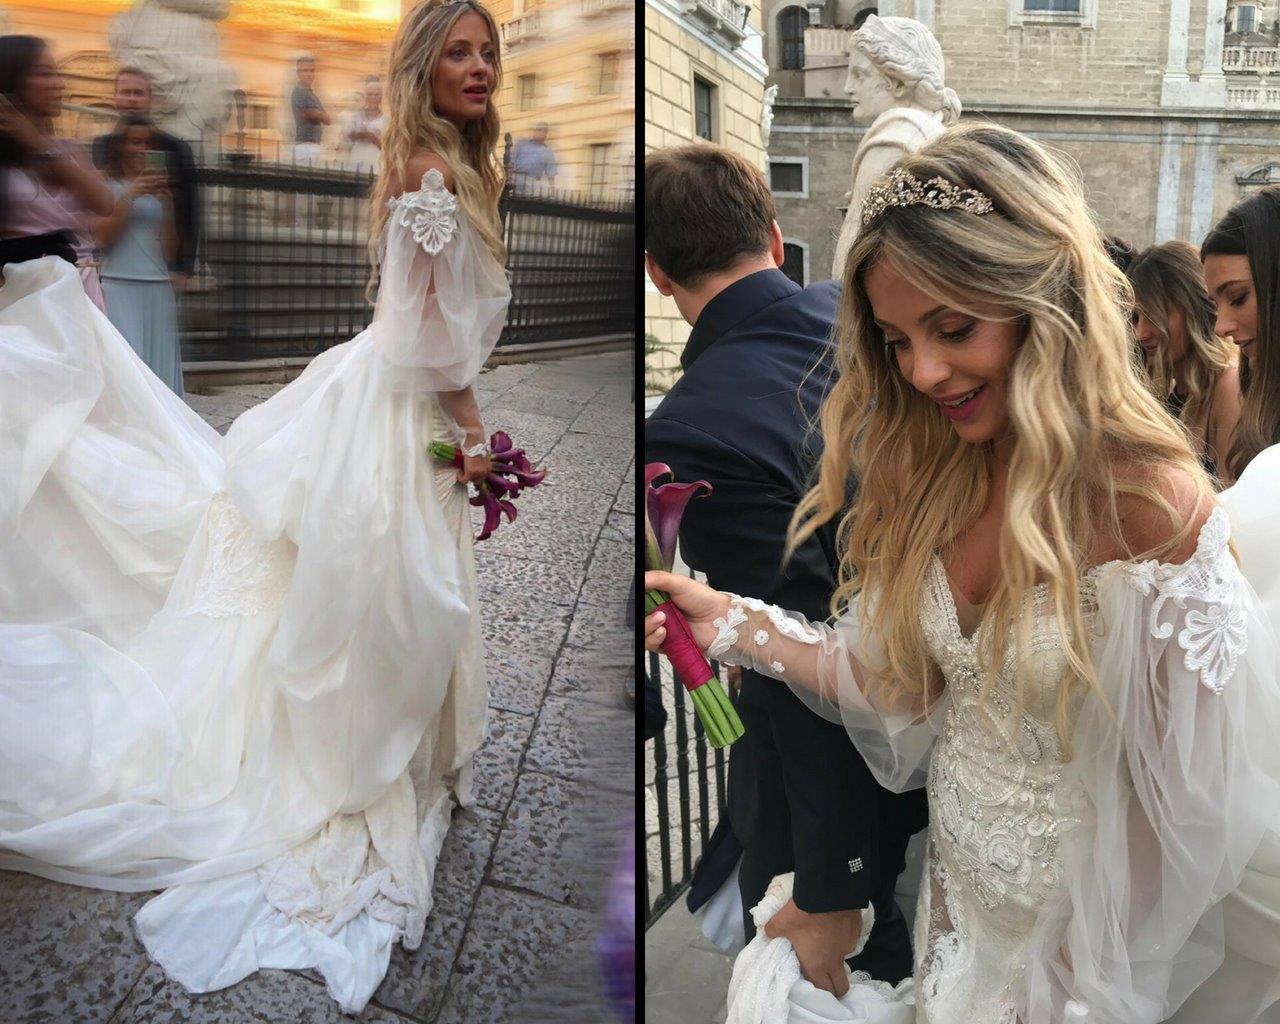 Matrimonio_servizi segreti_ (3)